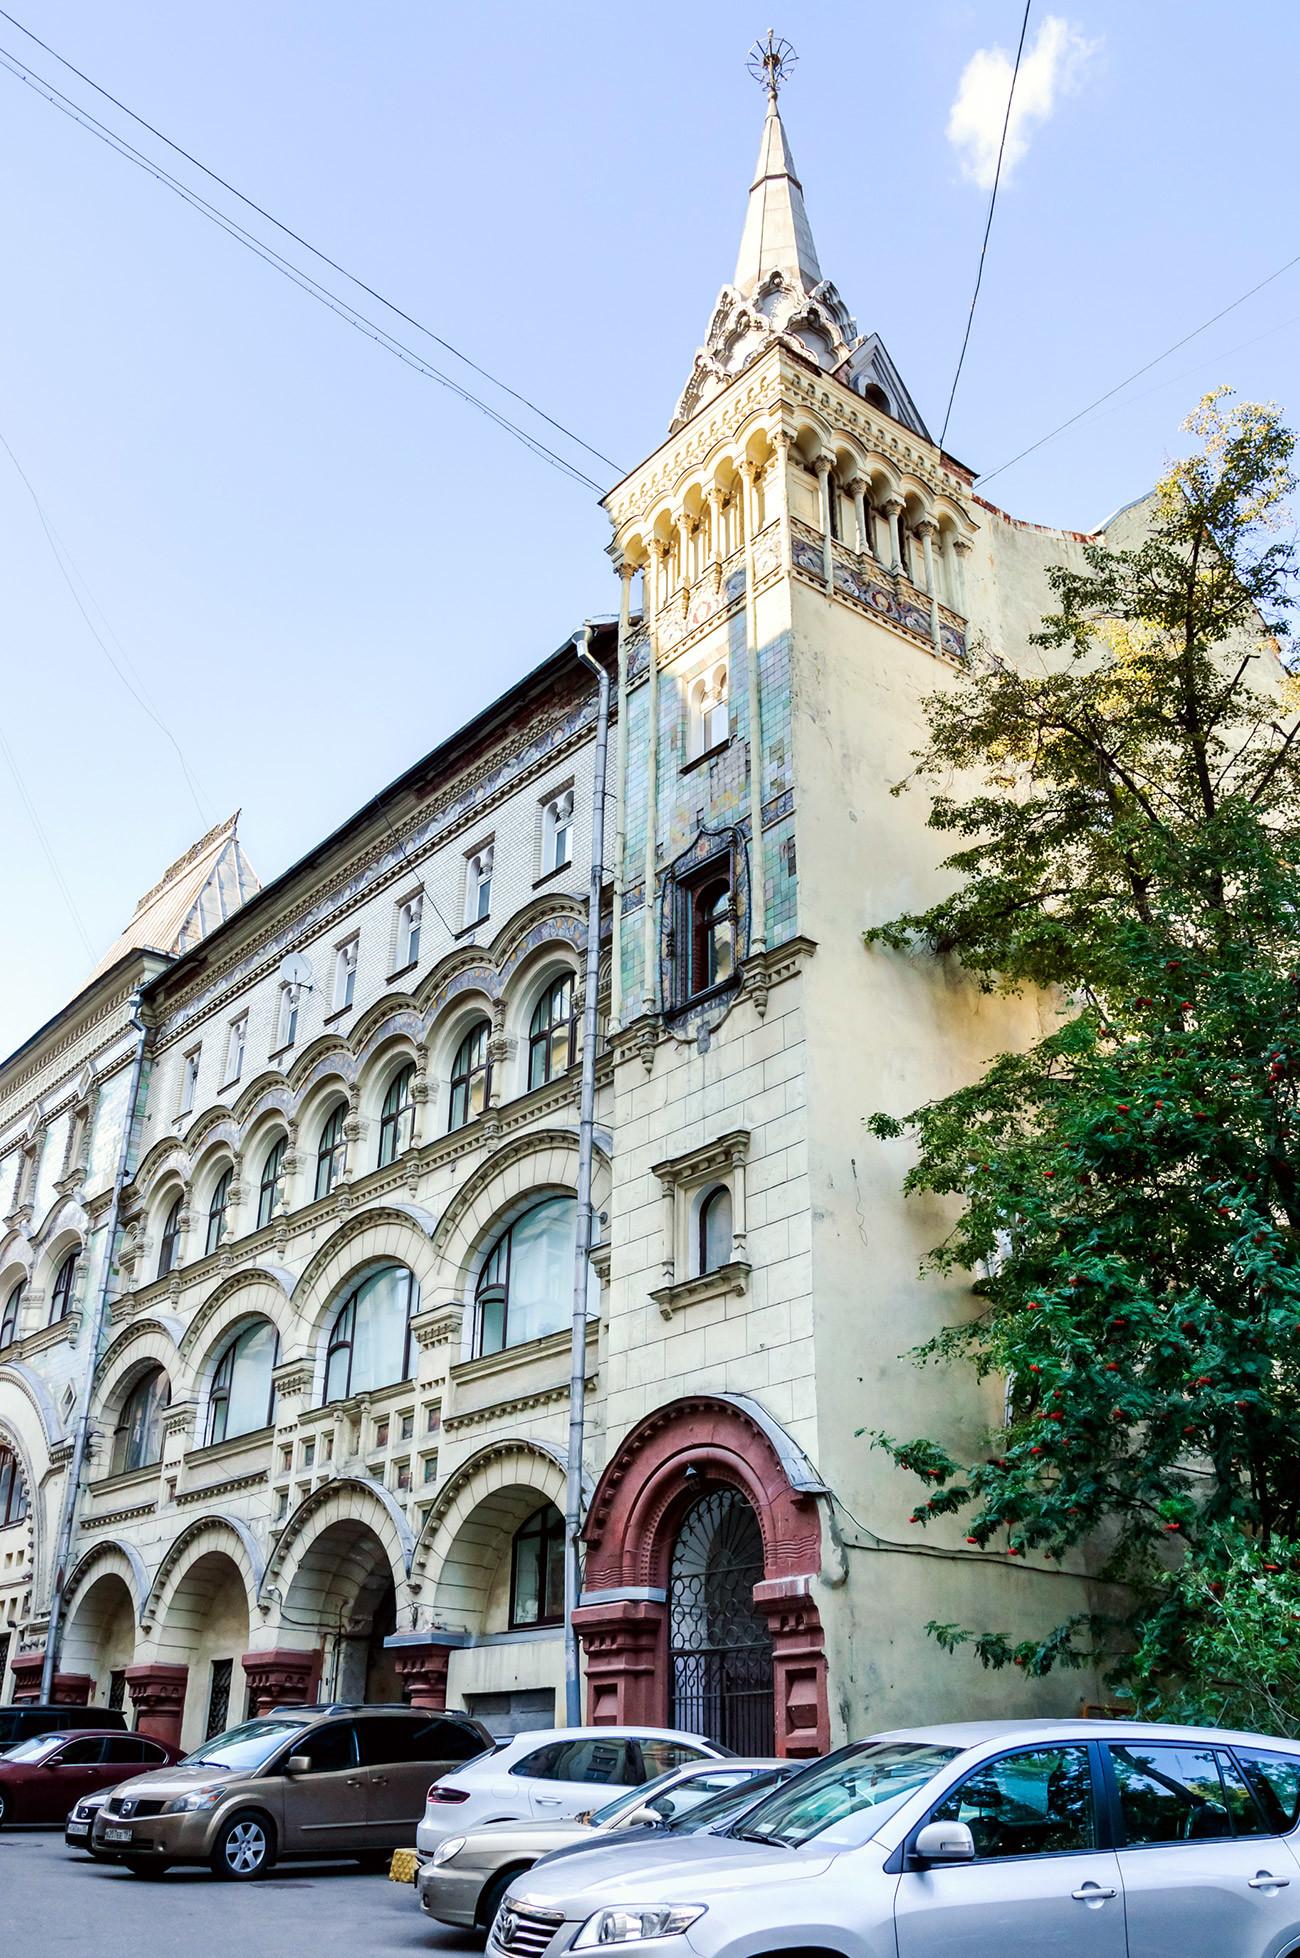 Atap pelana, menara di sudut-sudut, ubin multikromatik pada fasad — blok apartemen milik Biara Savvino-Storozhevsky ini dibangun pada awal abad ke-20 dengan gaya pseudo-Rusia yang modis.